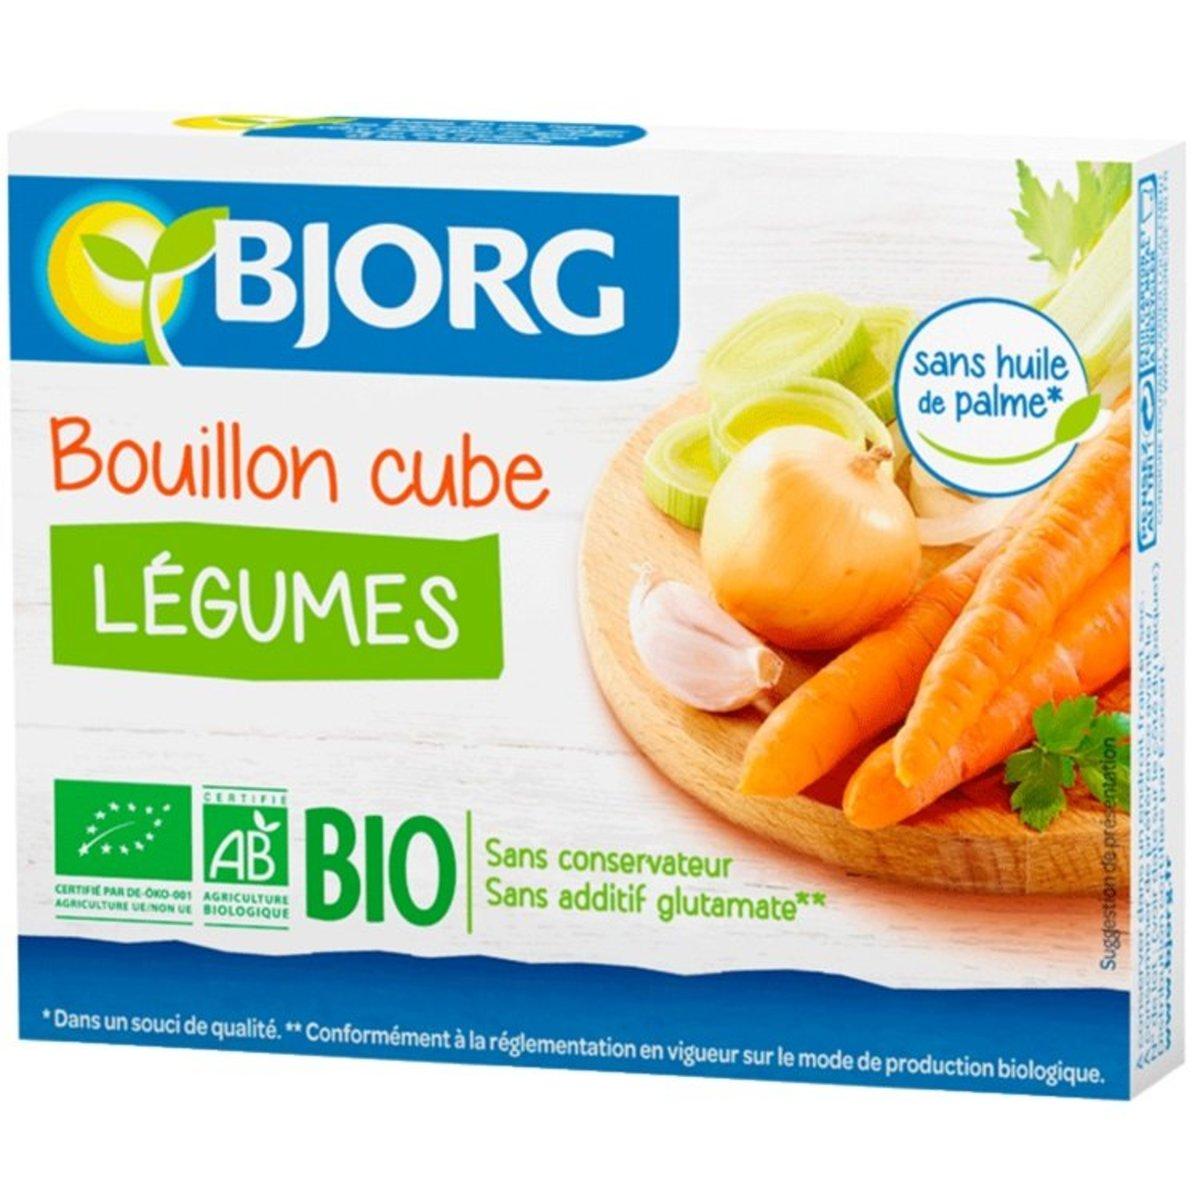 有機菜粒(72克)-(1盒) – 德國 BJ3007541